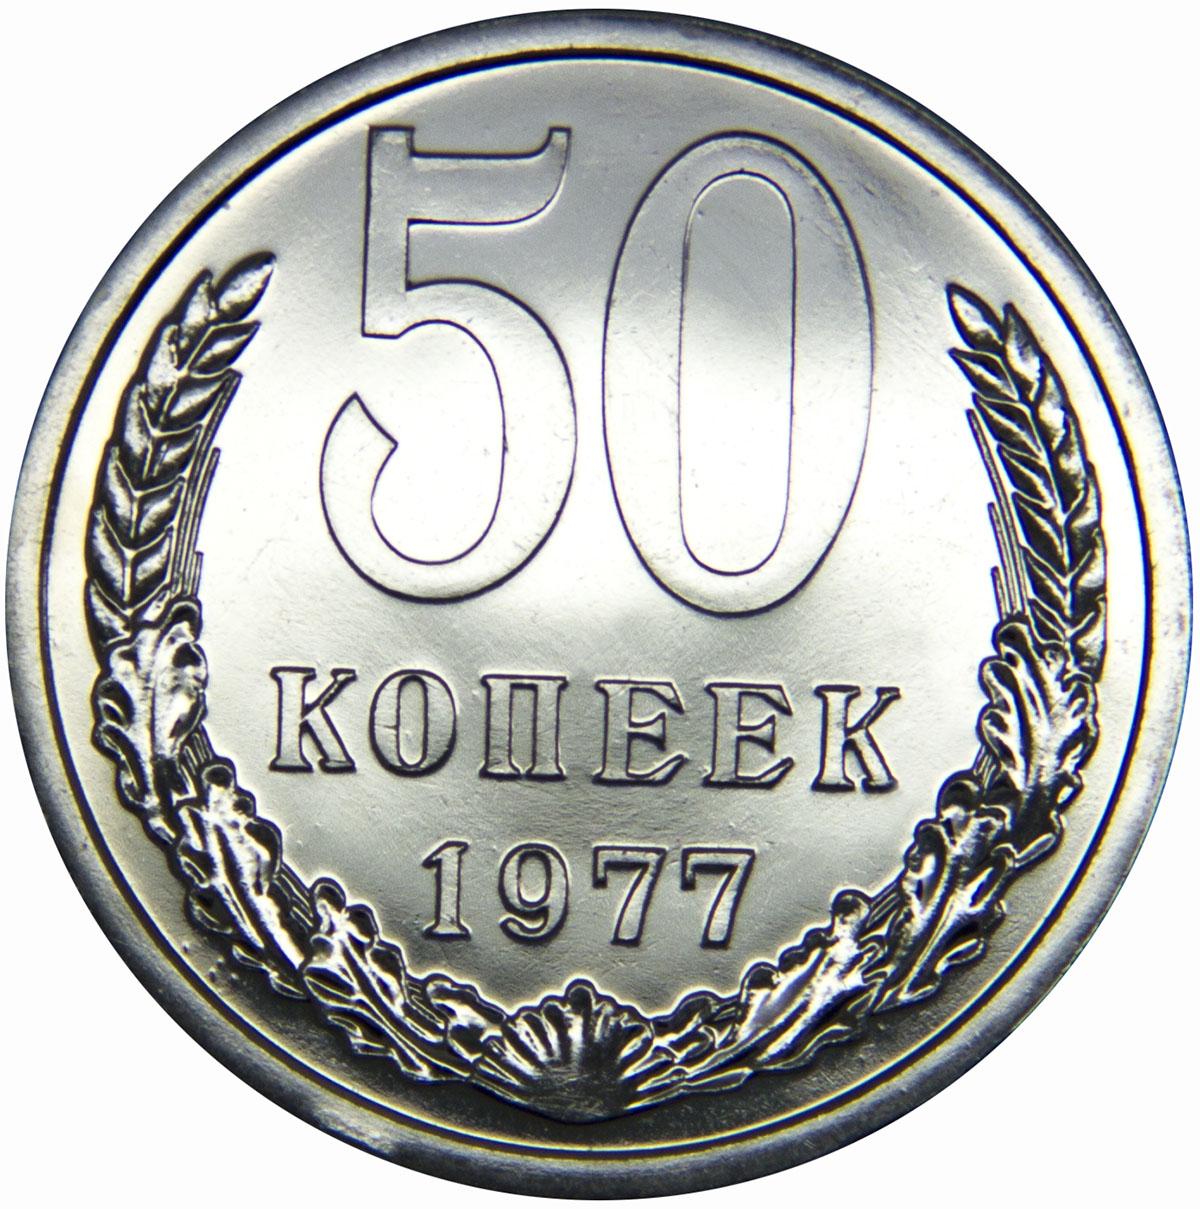 Монета номиналом 50 копеек. Медно-никелевый сплав. Сохранность UNC. СССР, 1977 год739Диаметр монеты: 24 мм Вес: 4,4 г. Материал: медь-никель Гурт: надпись